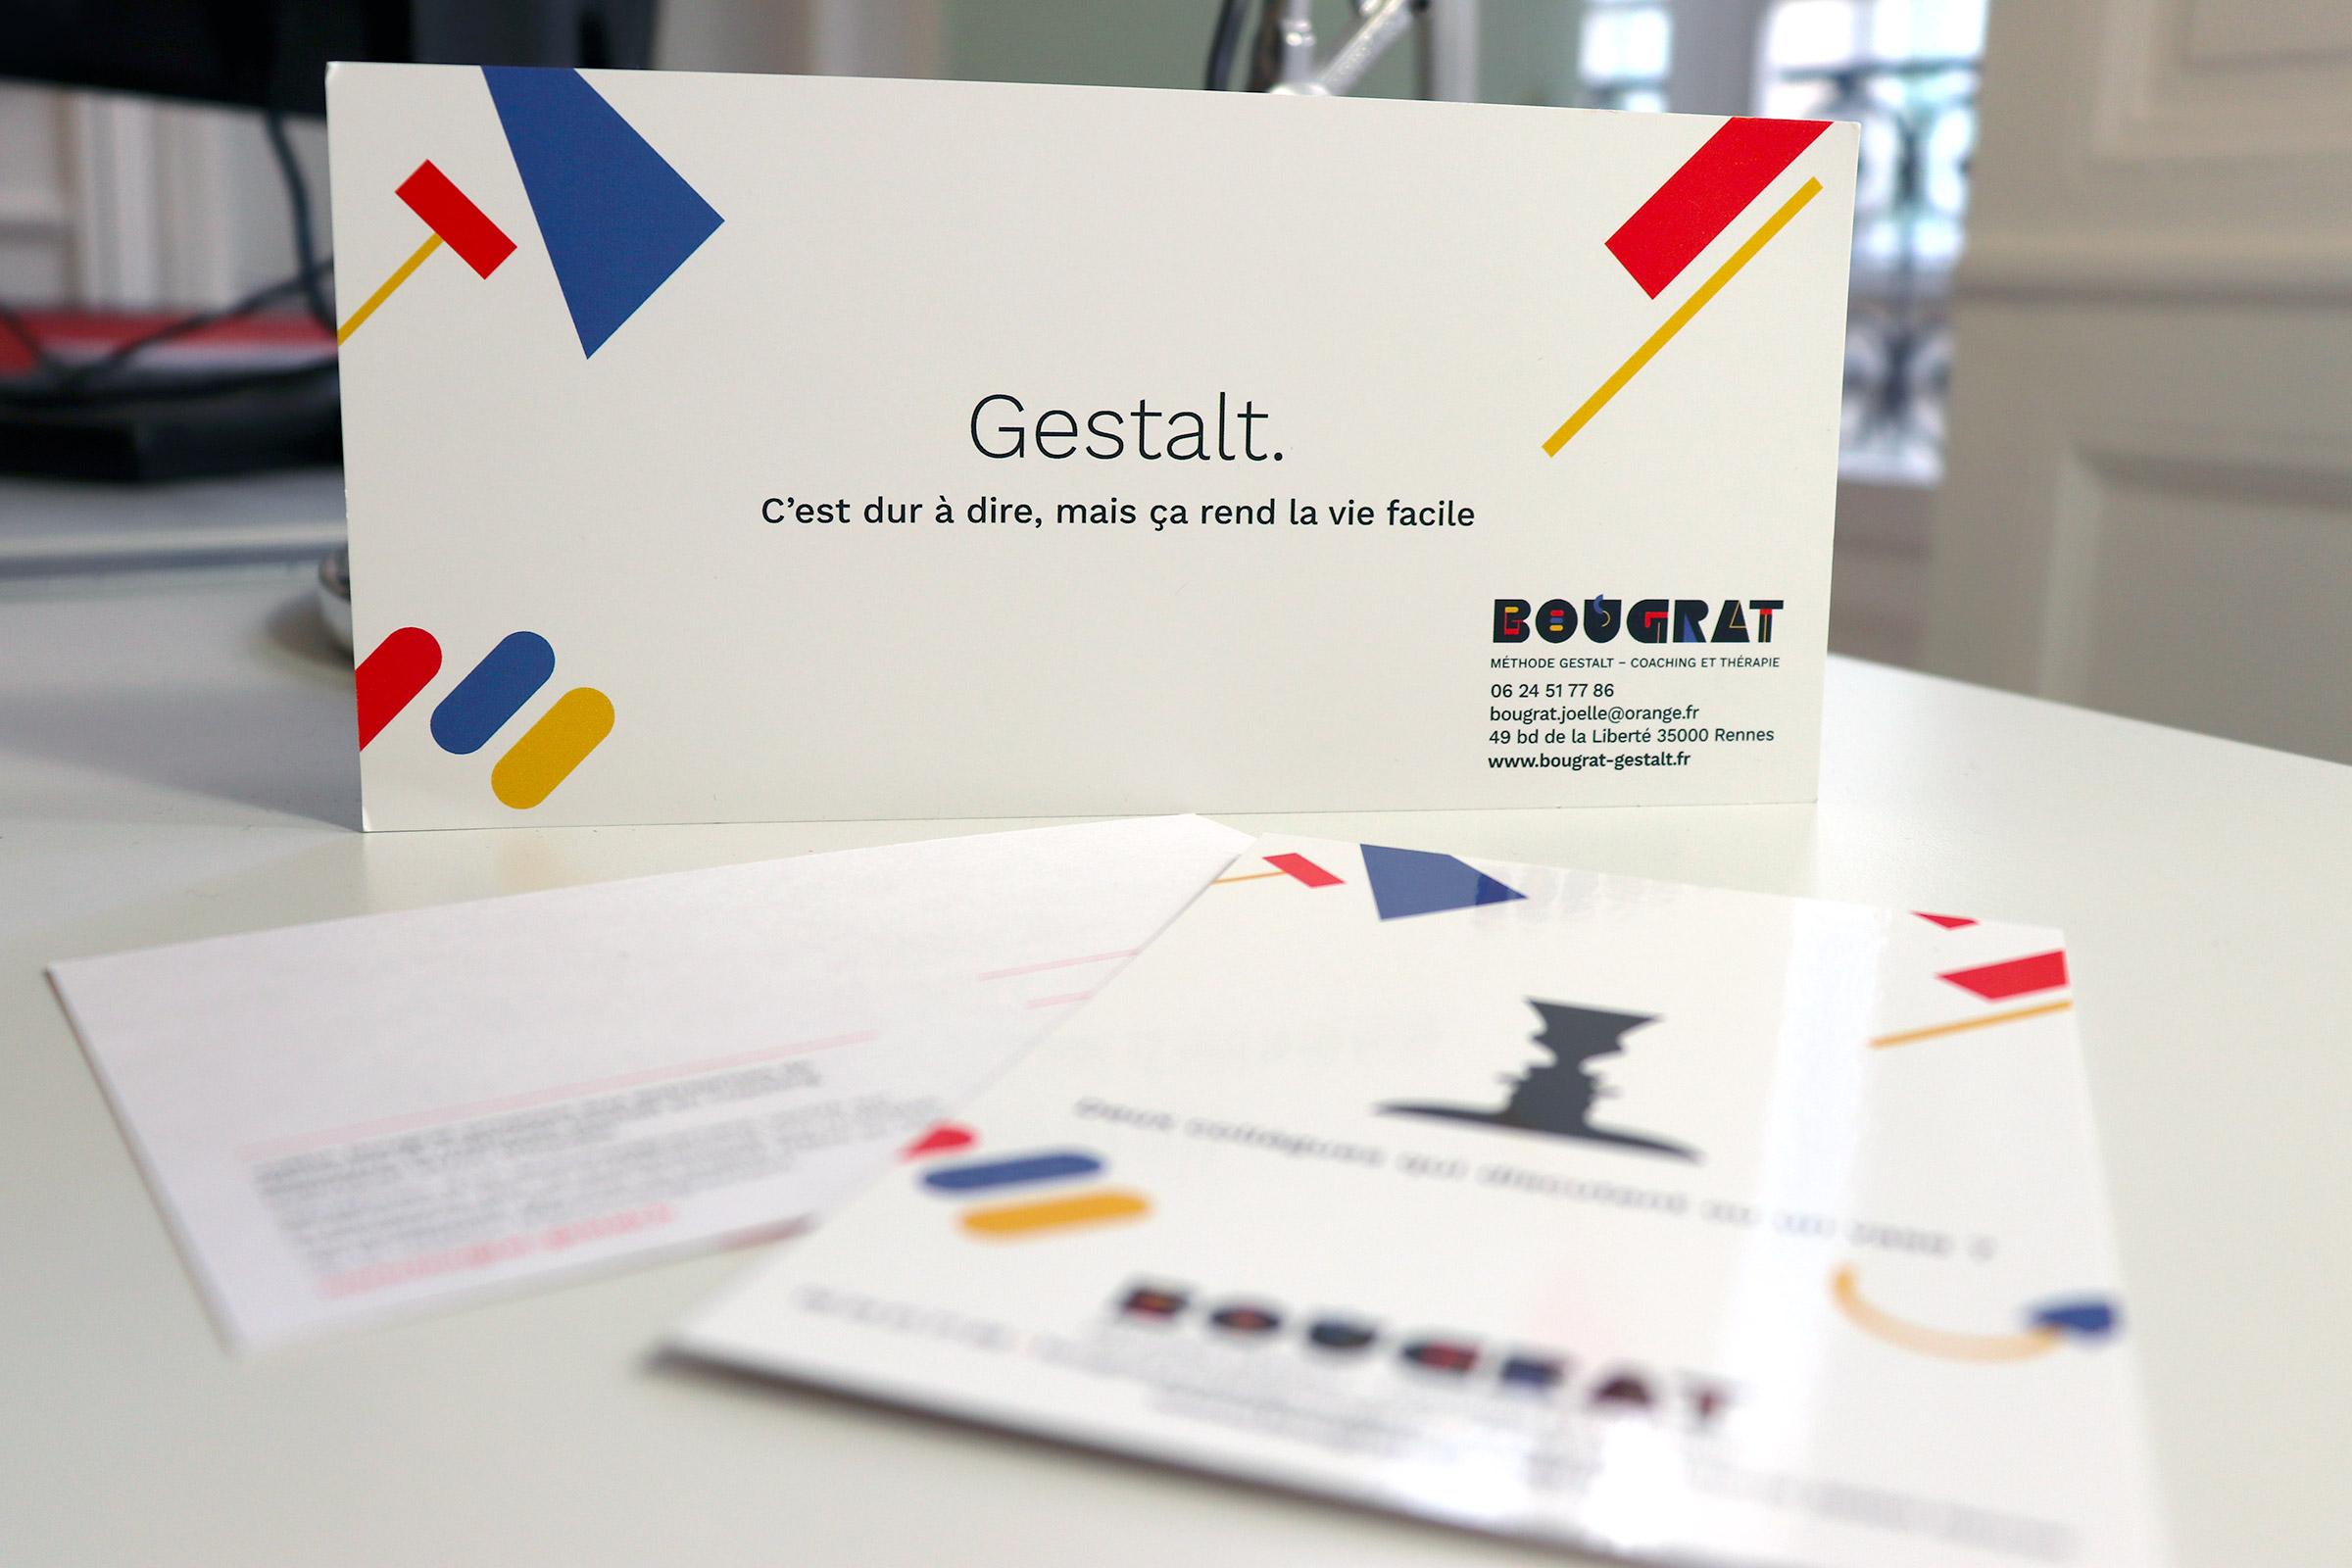 création graphique identité visuelle logo